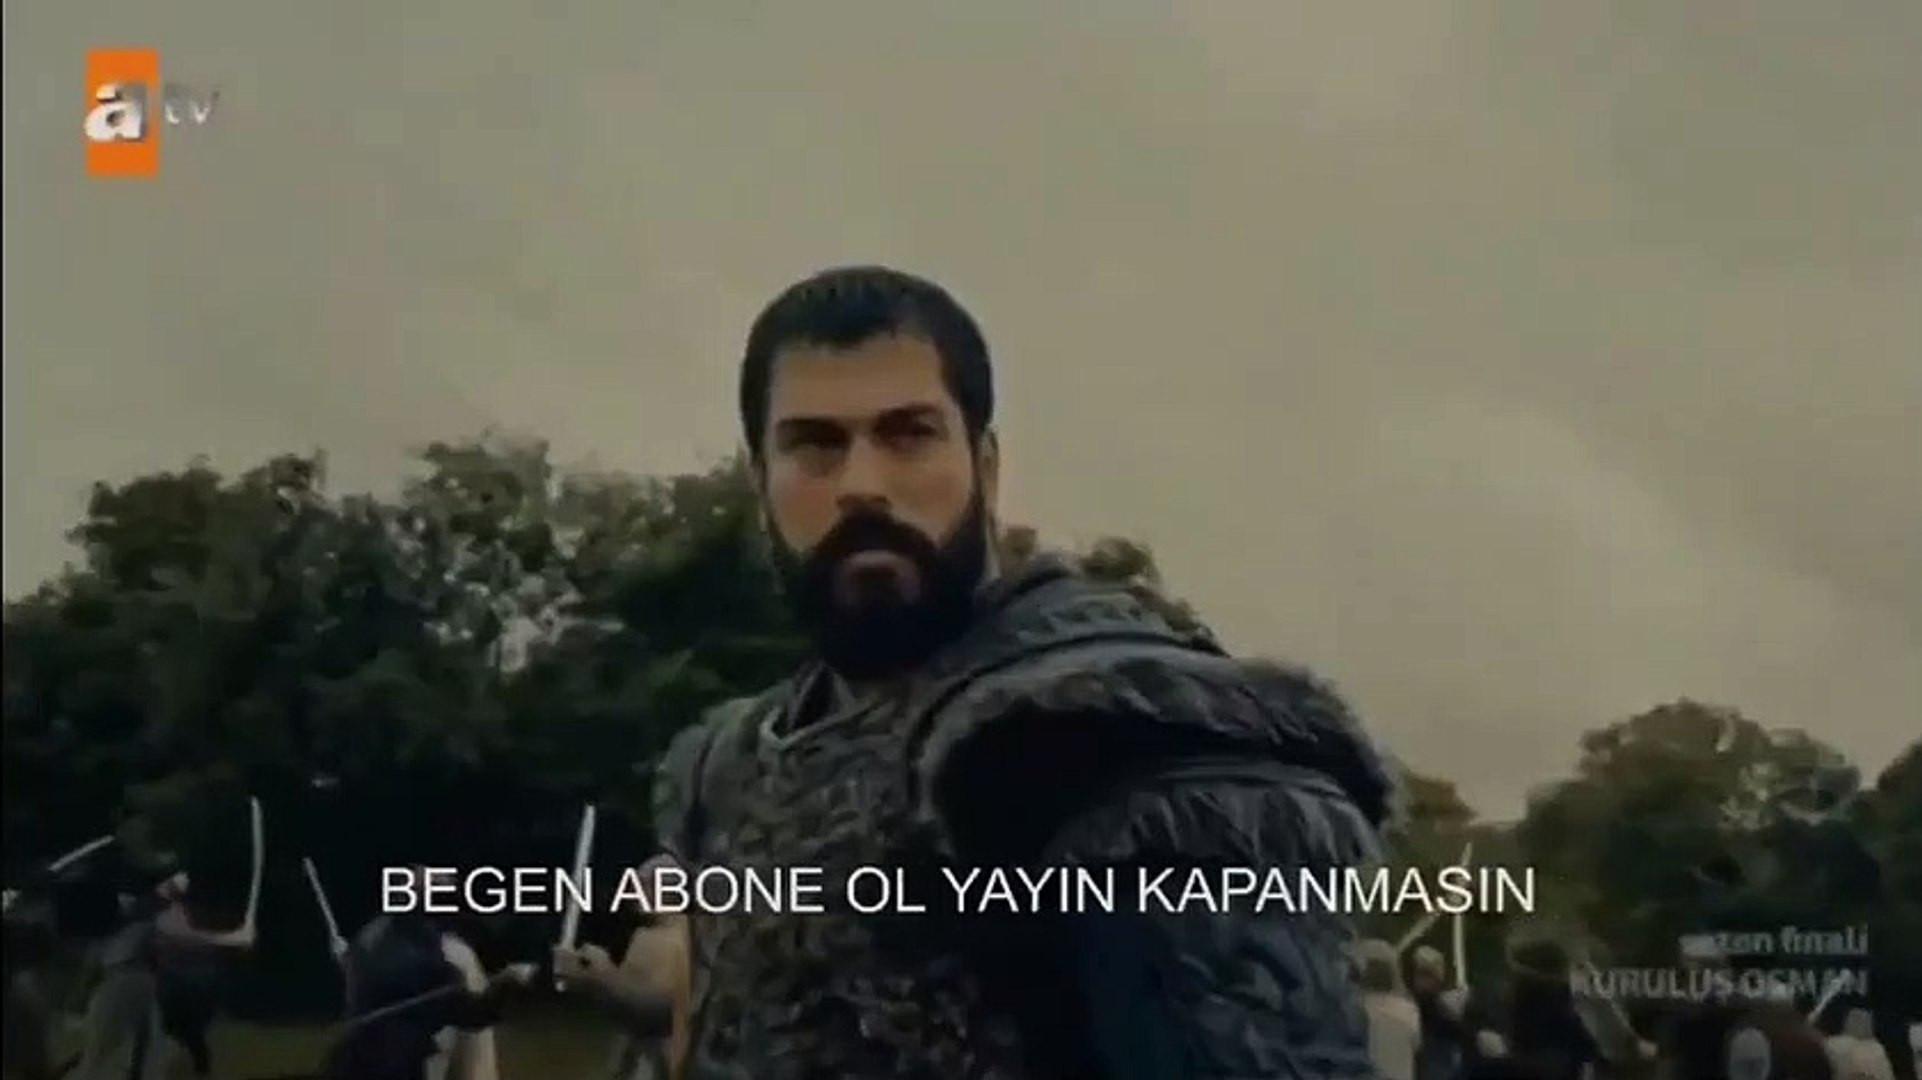 ATV'de büyük skandal! Atatürk'ün sözü bizans komutanına söyletildi!